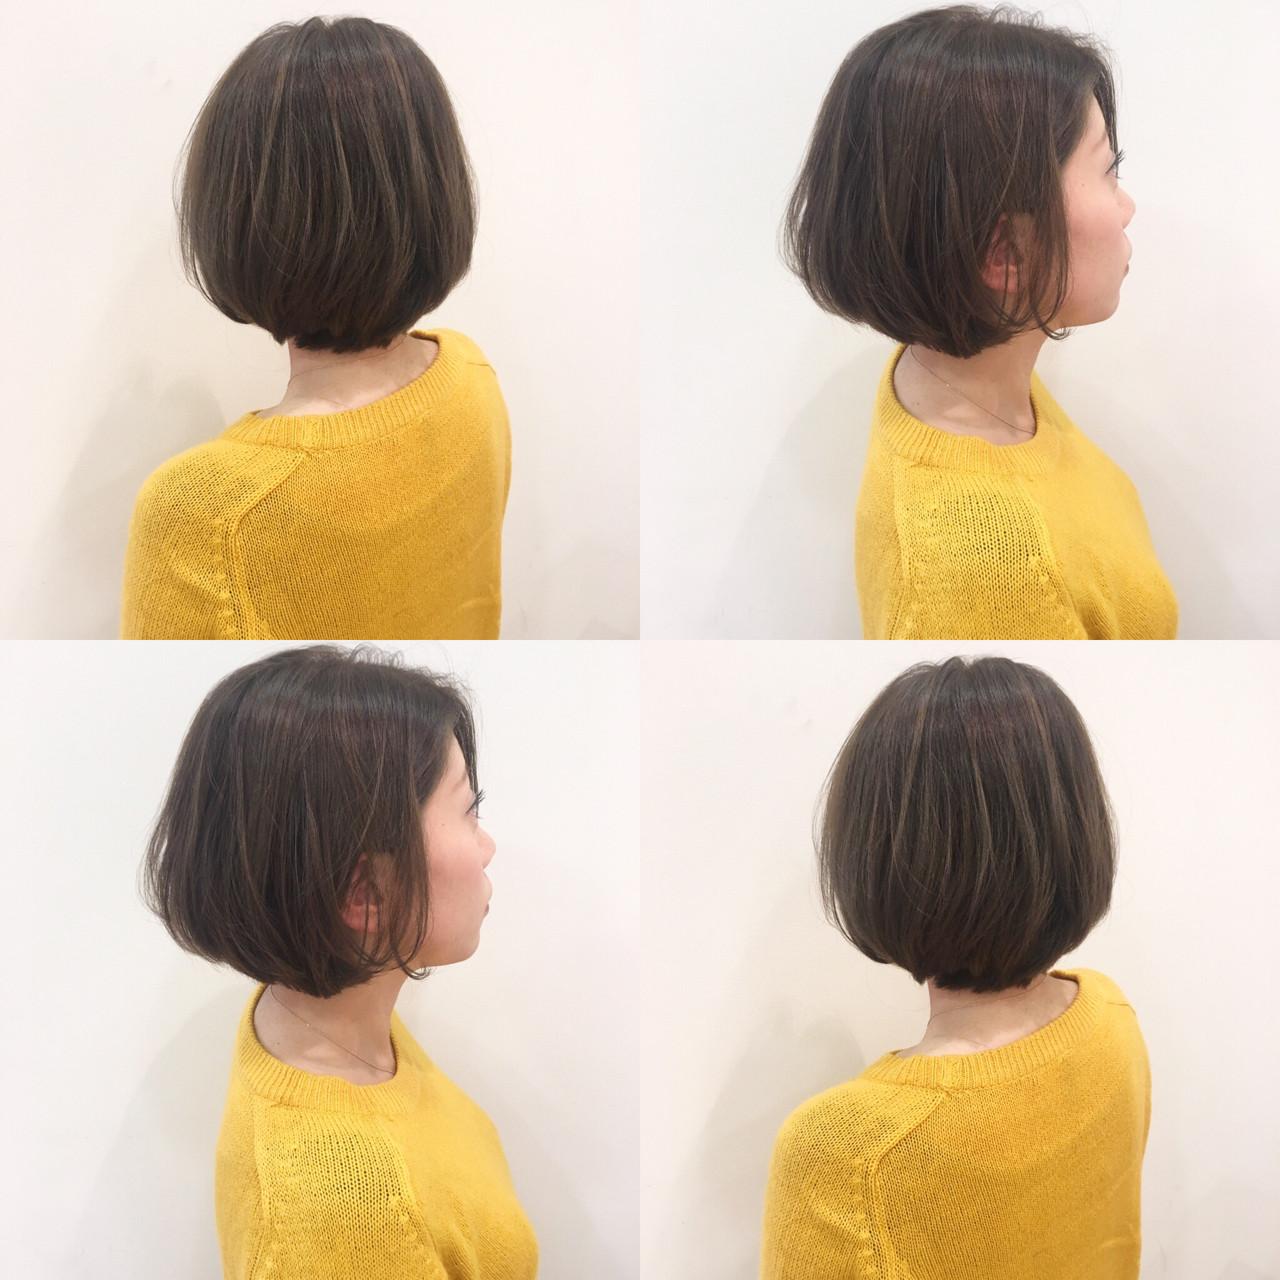 外国人風 ハイライト ナチュラル ゆるふわ ヘアスタイルや髪型の写真・画像